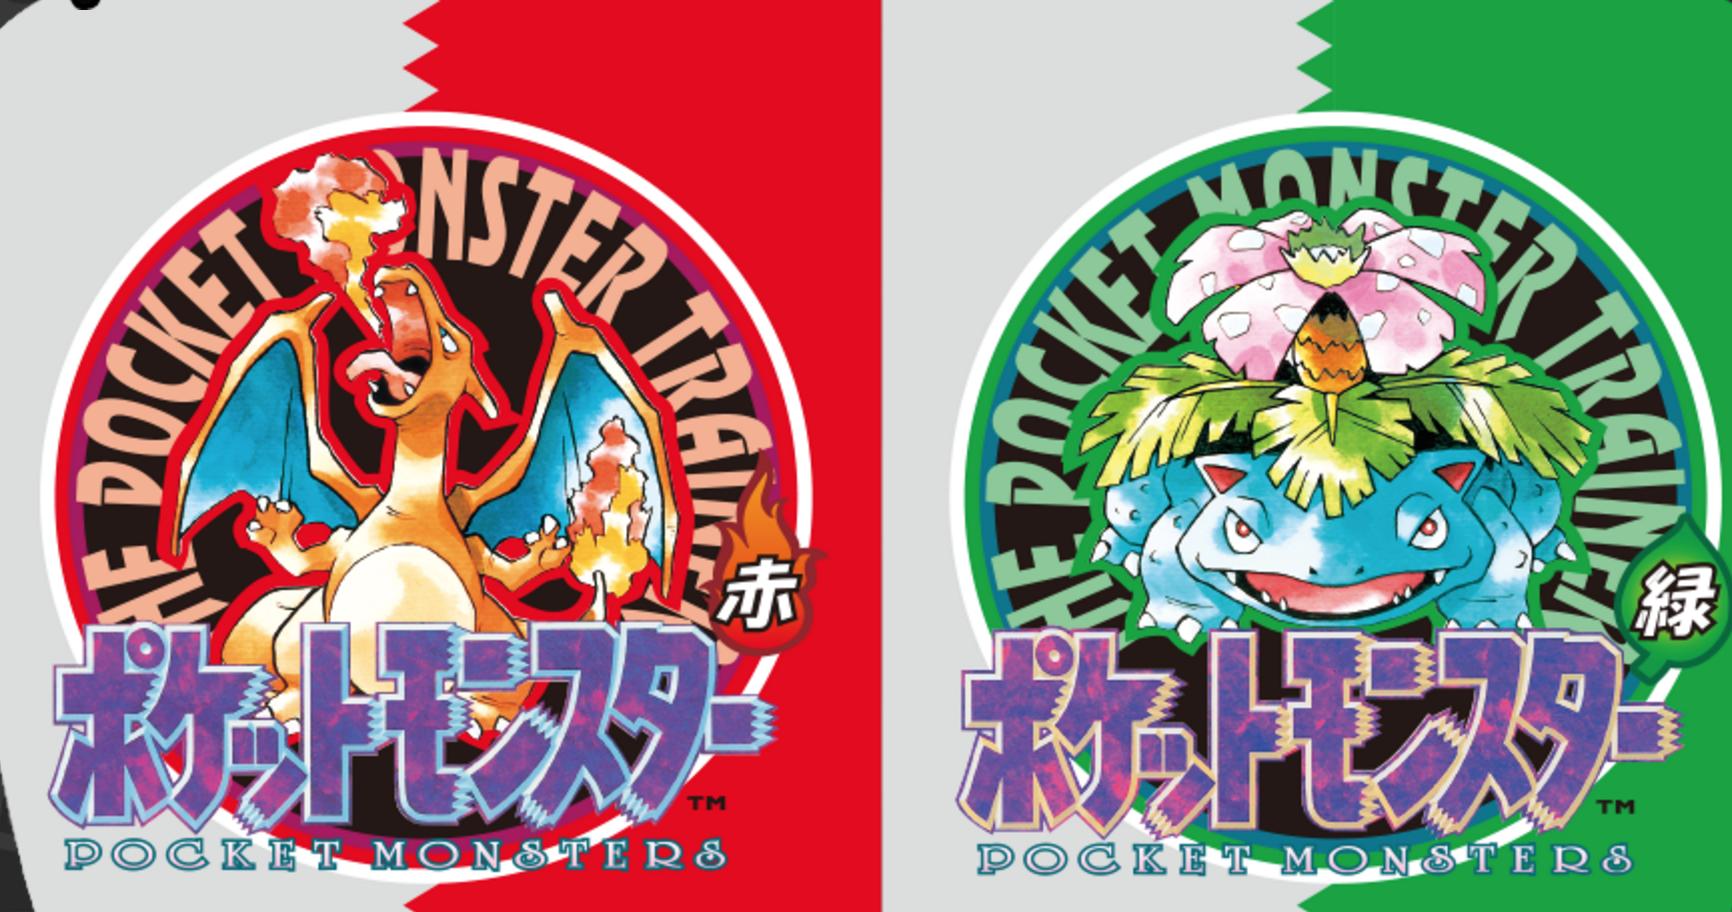 スプラトゥーン第11回フェス「どっちを選ぶ?ポケットモンスター赤VS緑」が開催!